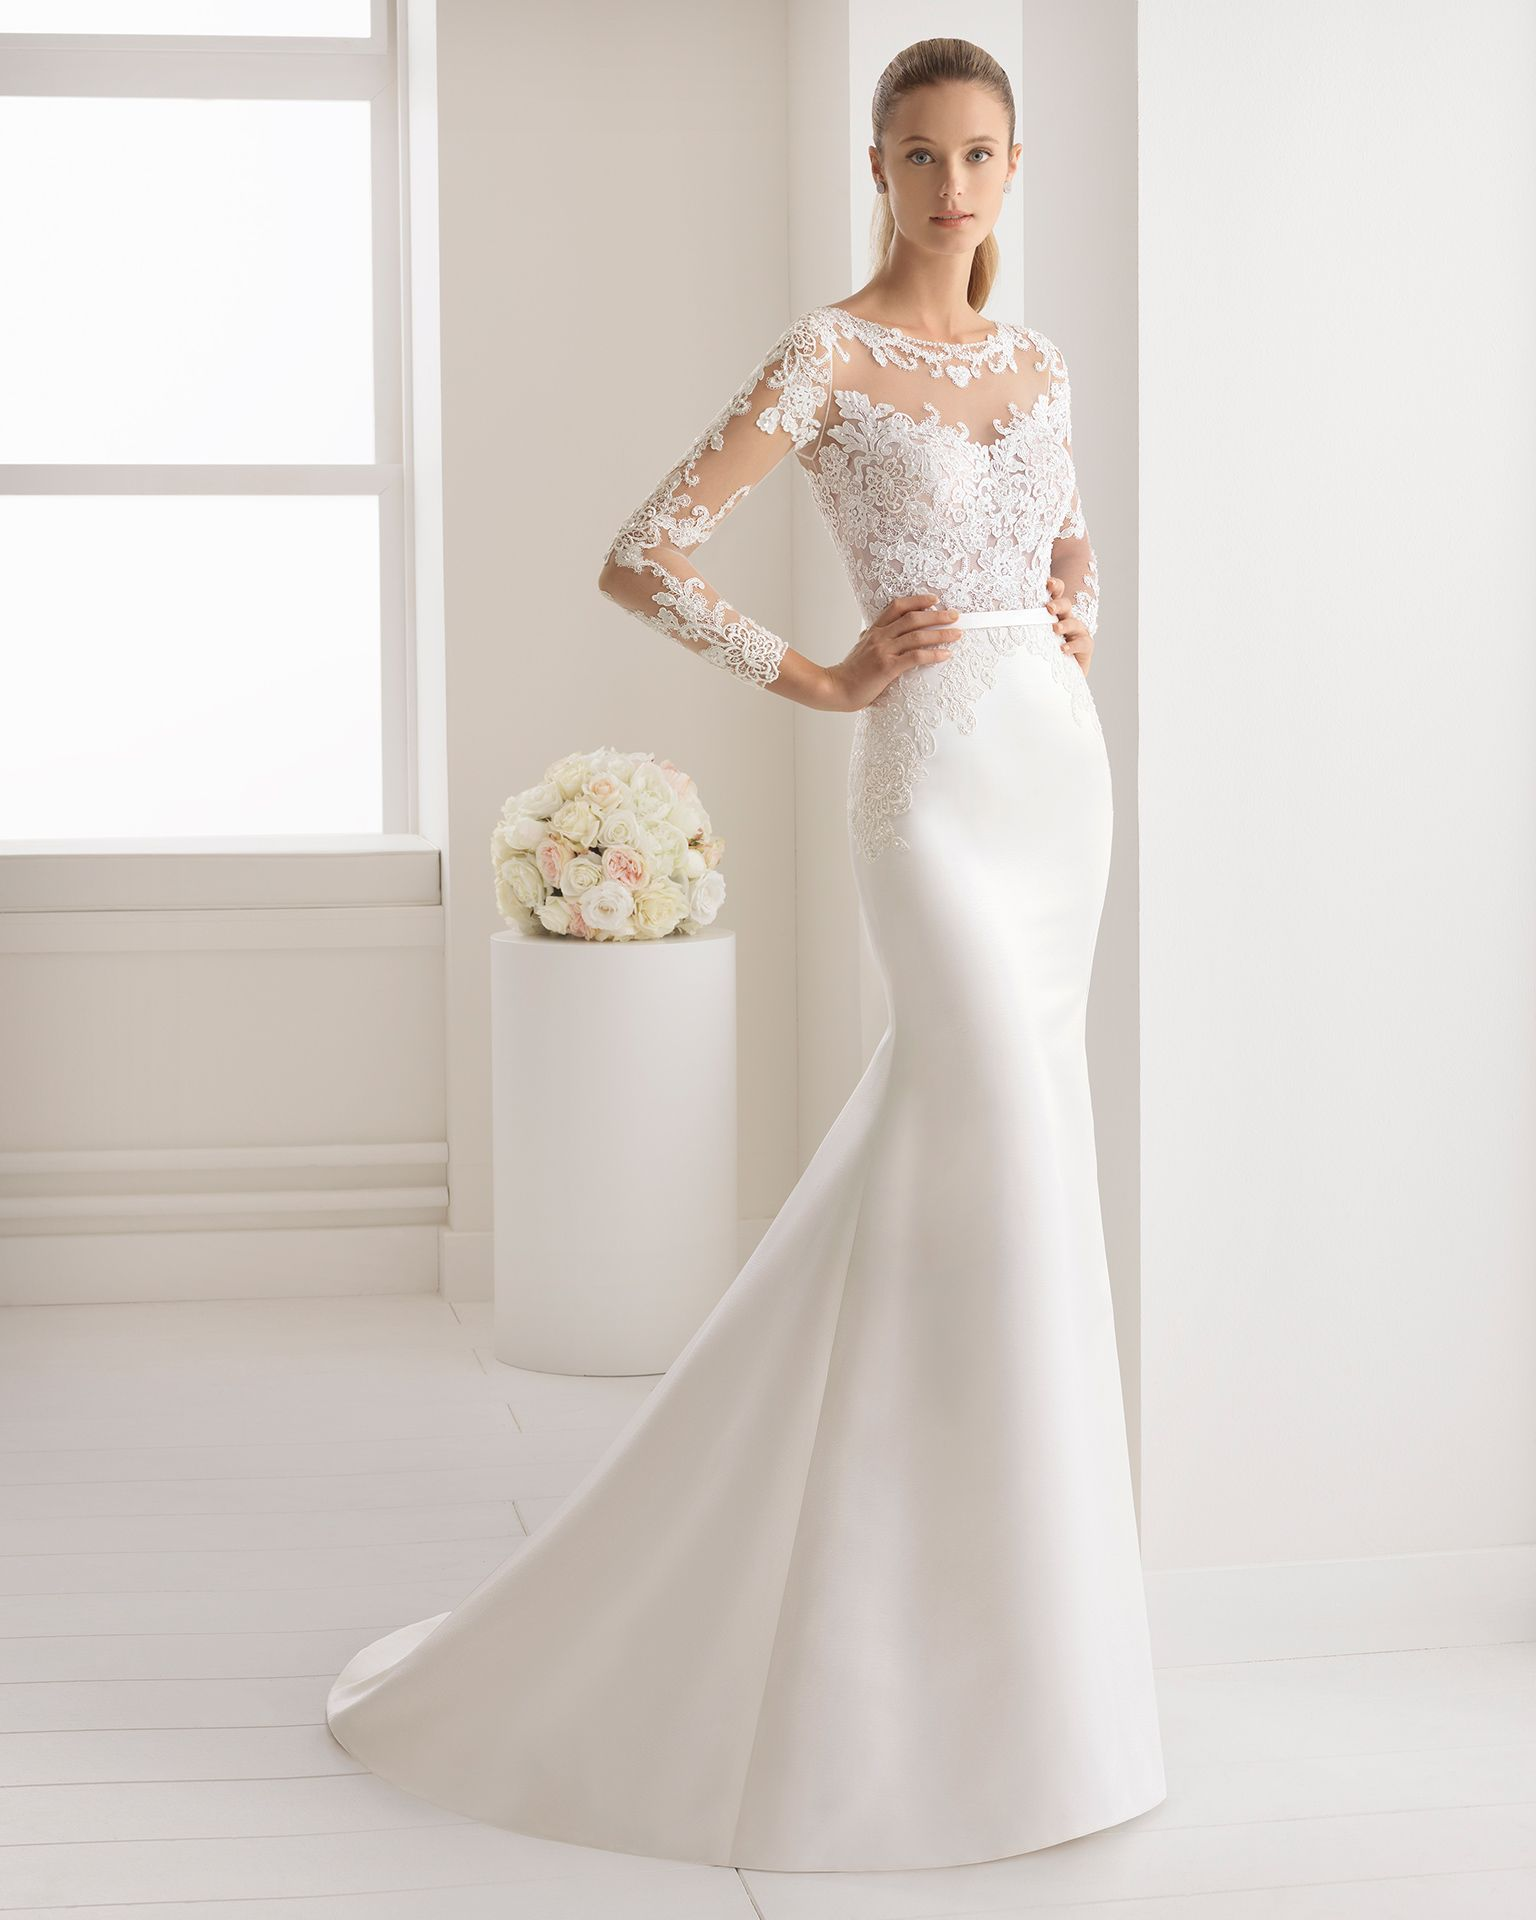 Ivory wedding dresses with sleeves  Vestido de novia corte sirena en raso duquesa encaje y pedreria de